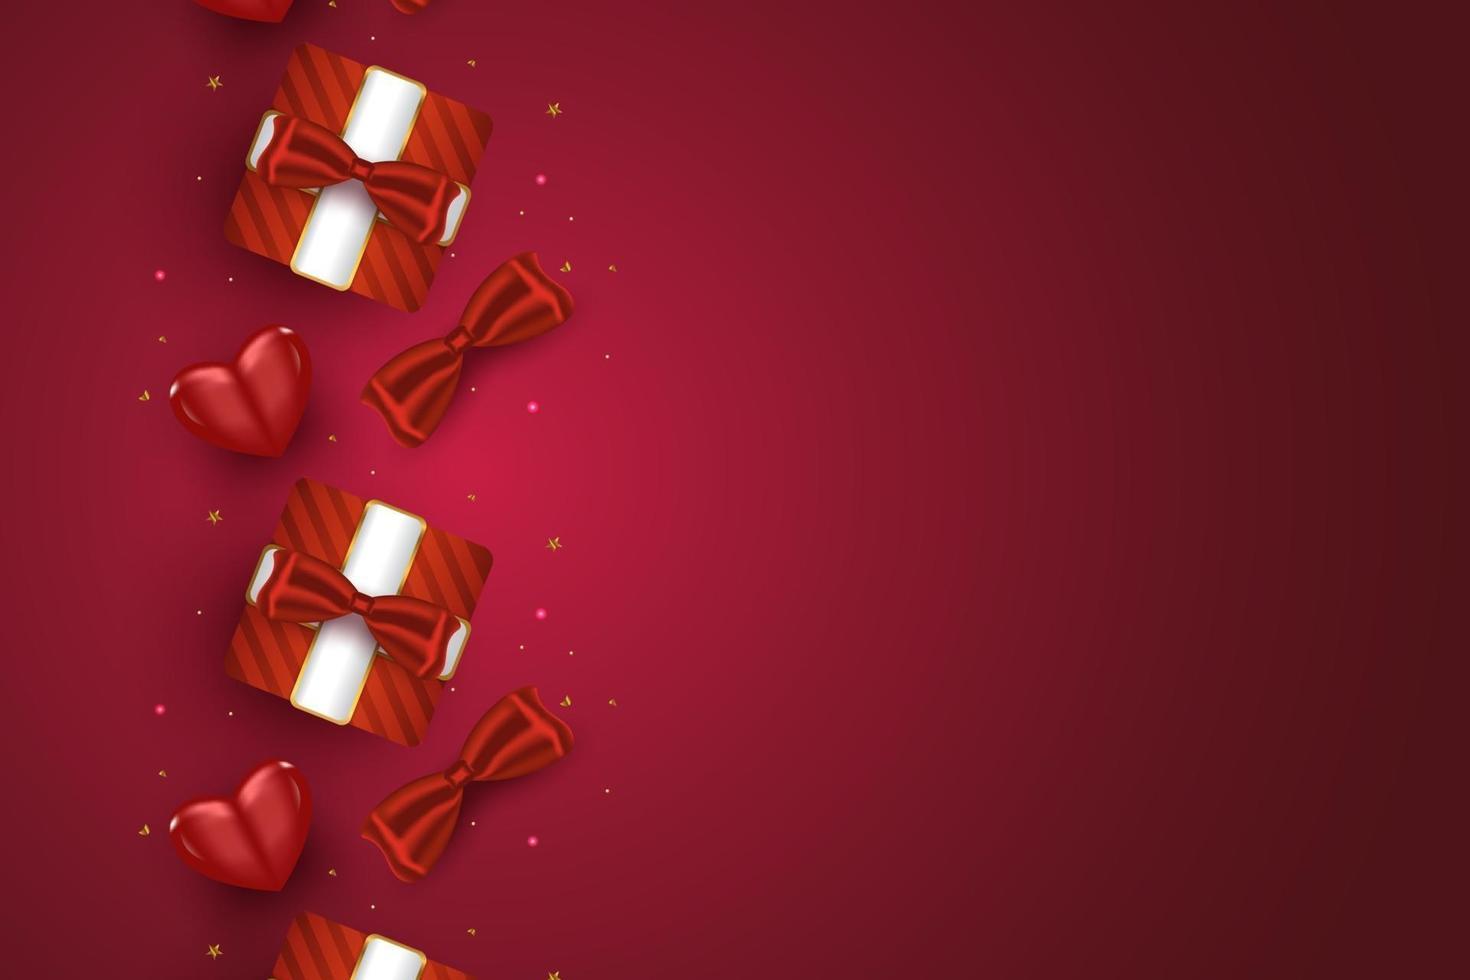 Alla hjärtans dag bakgrund för gratulationskort eller banners med 3d romantiska ornament vektor